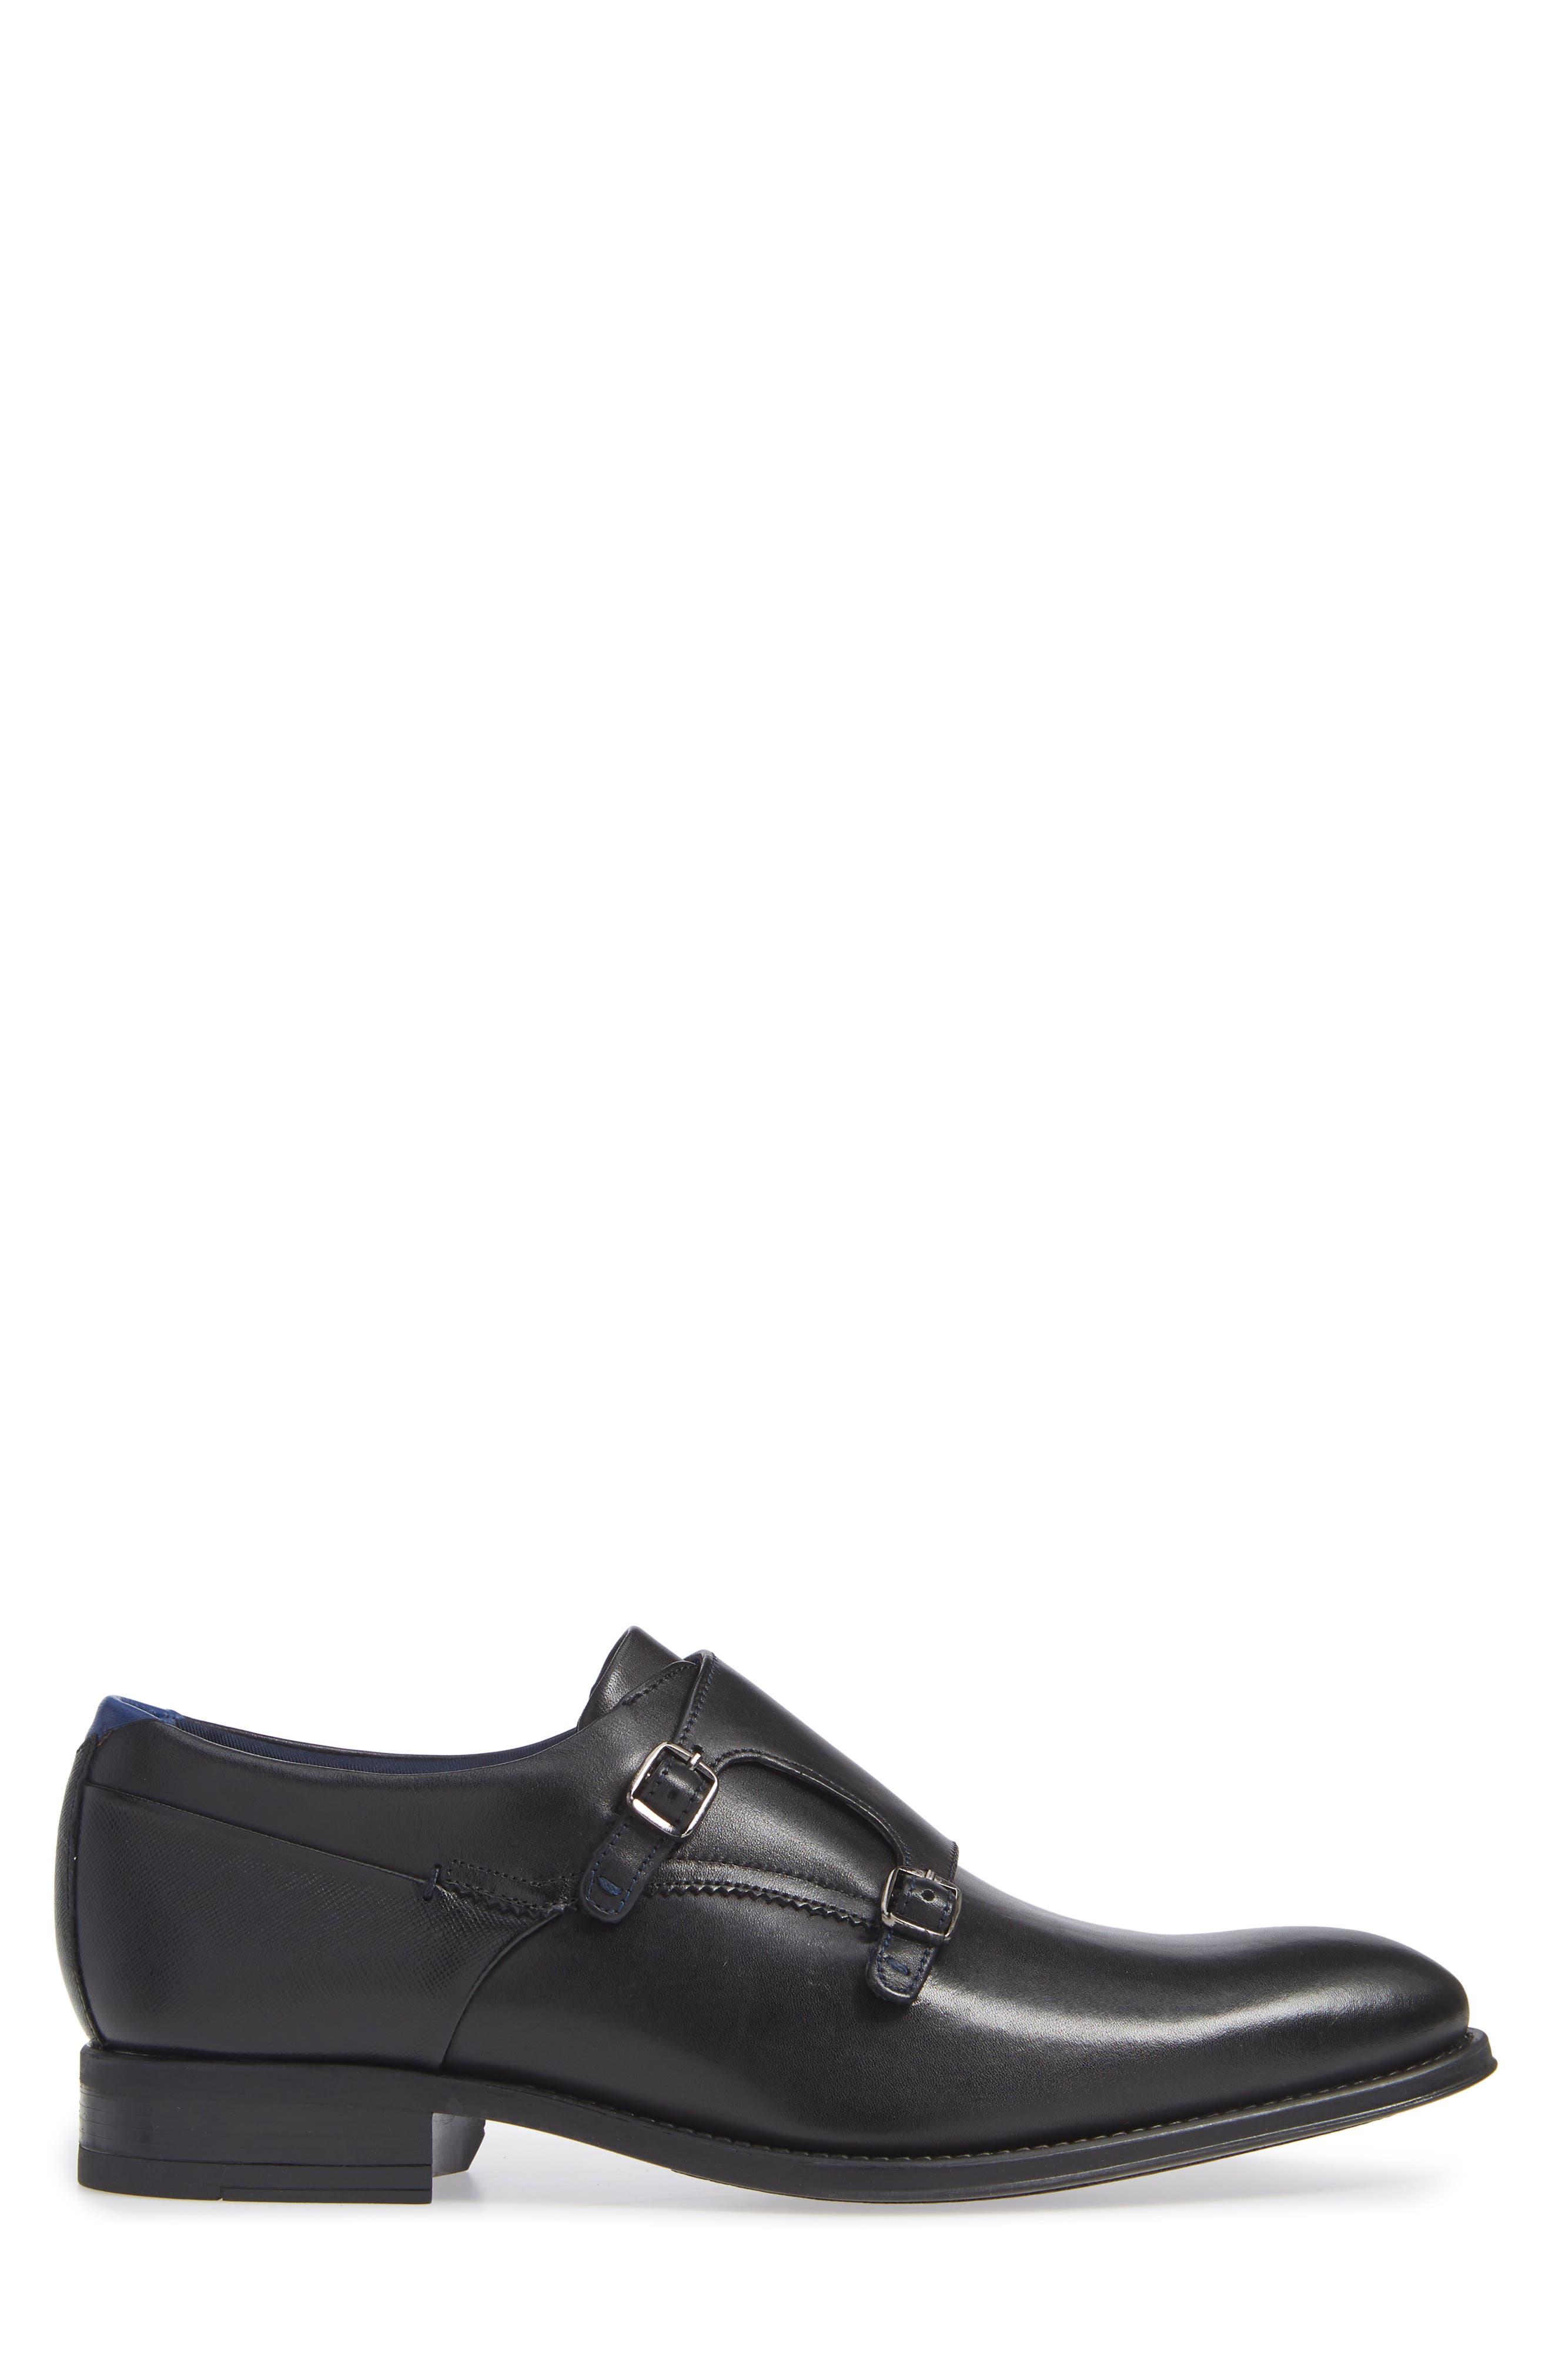 Cathon Double Buckle Monk Shoe,                             Alternate thumbnail 3, color,                             BLACK LEATHER